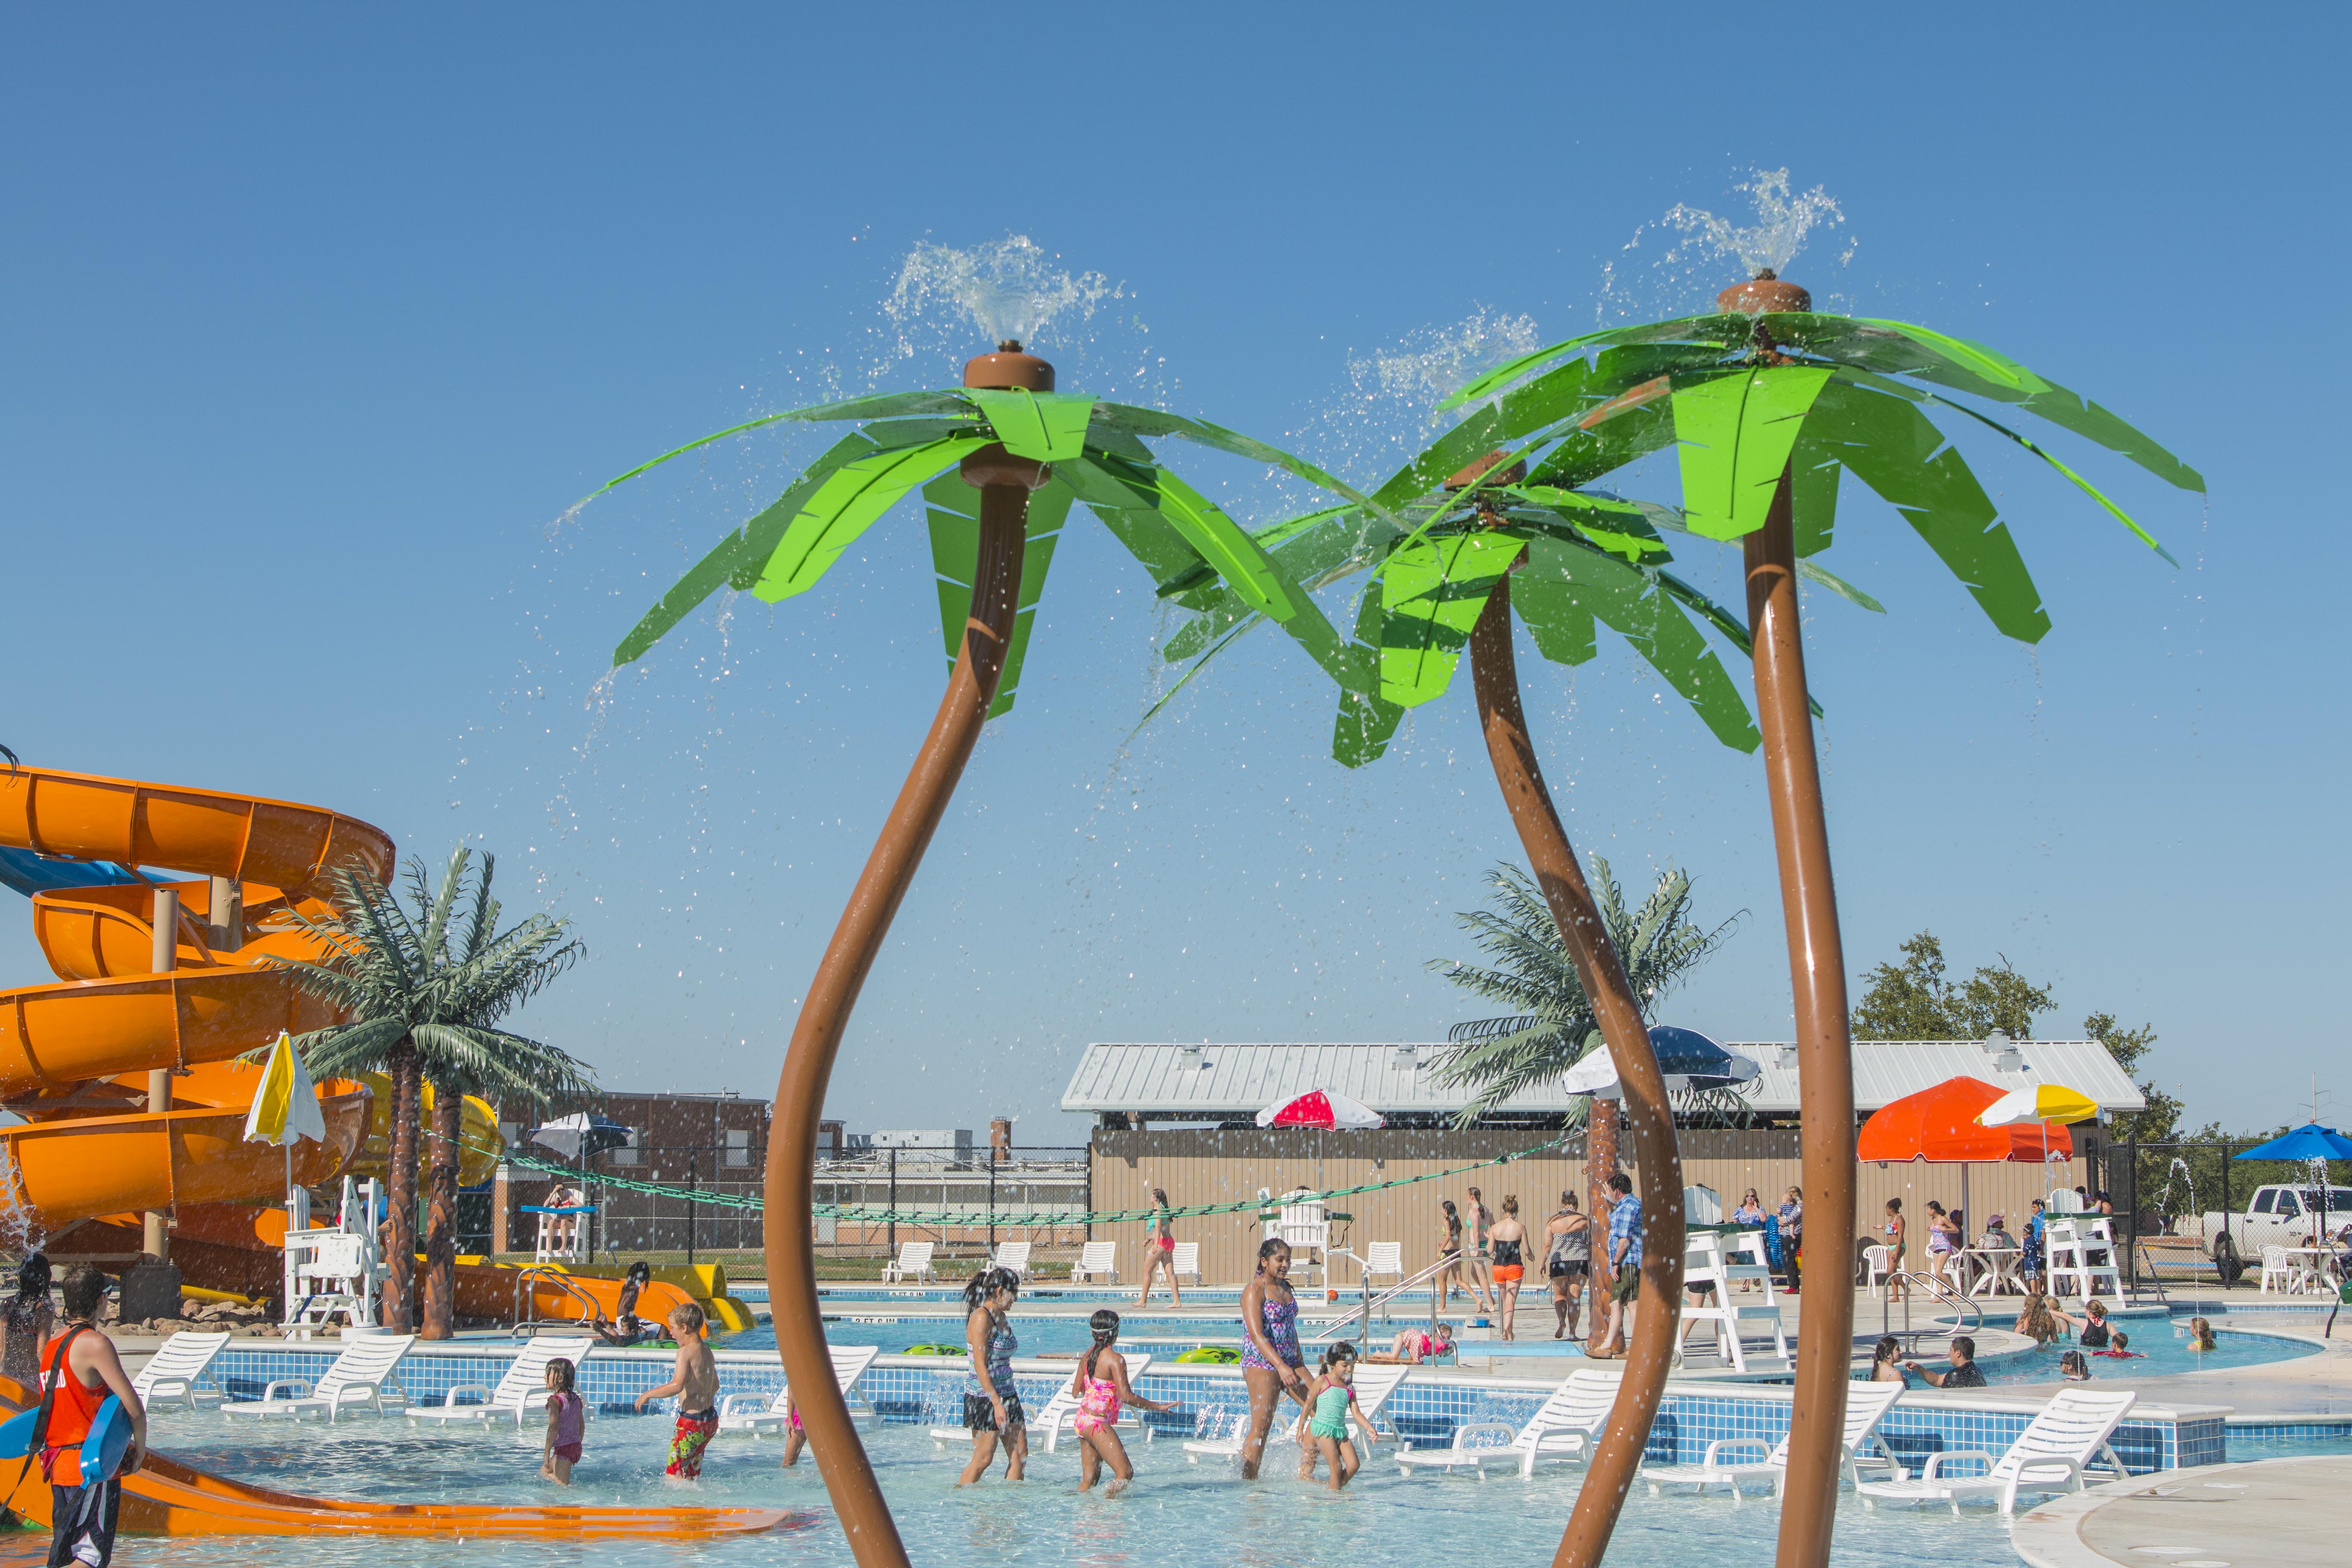 Doug Rus Aquatic Center